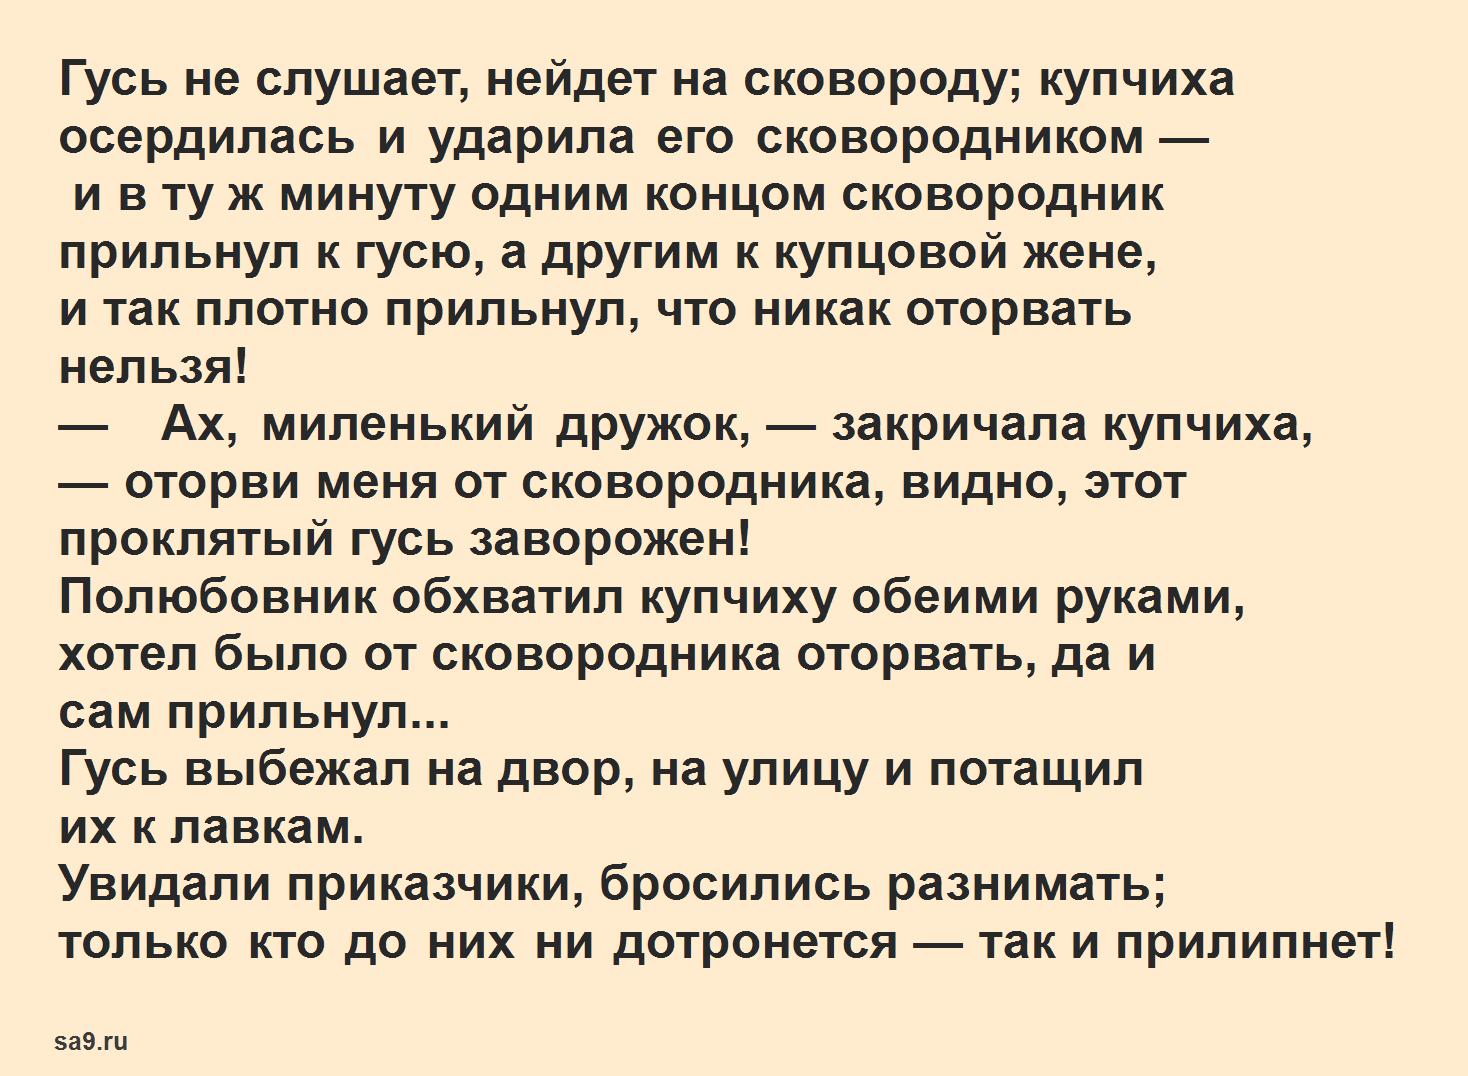 Диво дивное чудо чудное - русская народная сказка, читать полностью